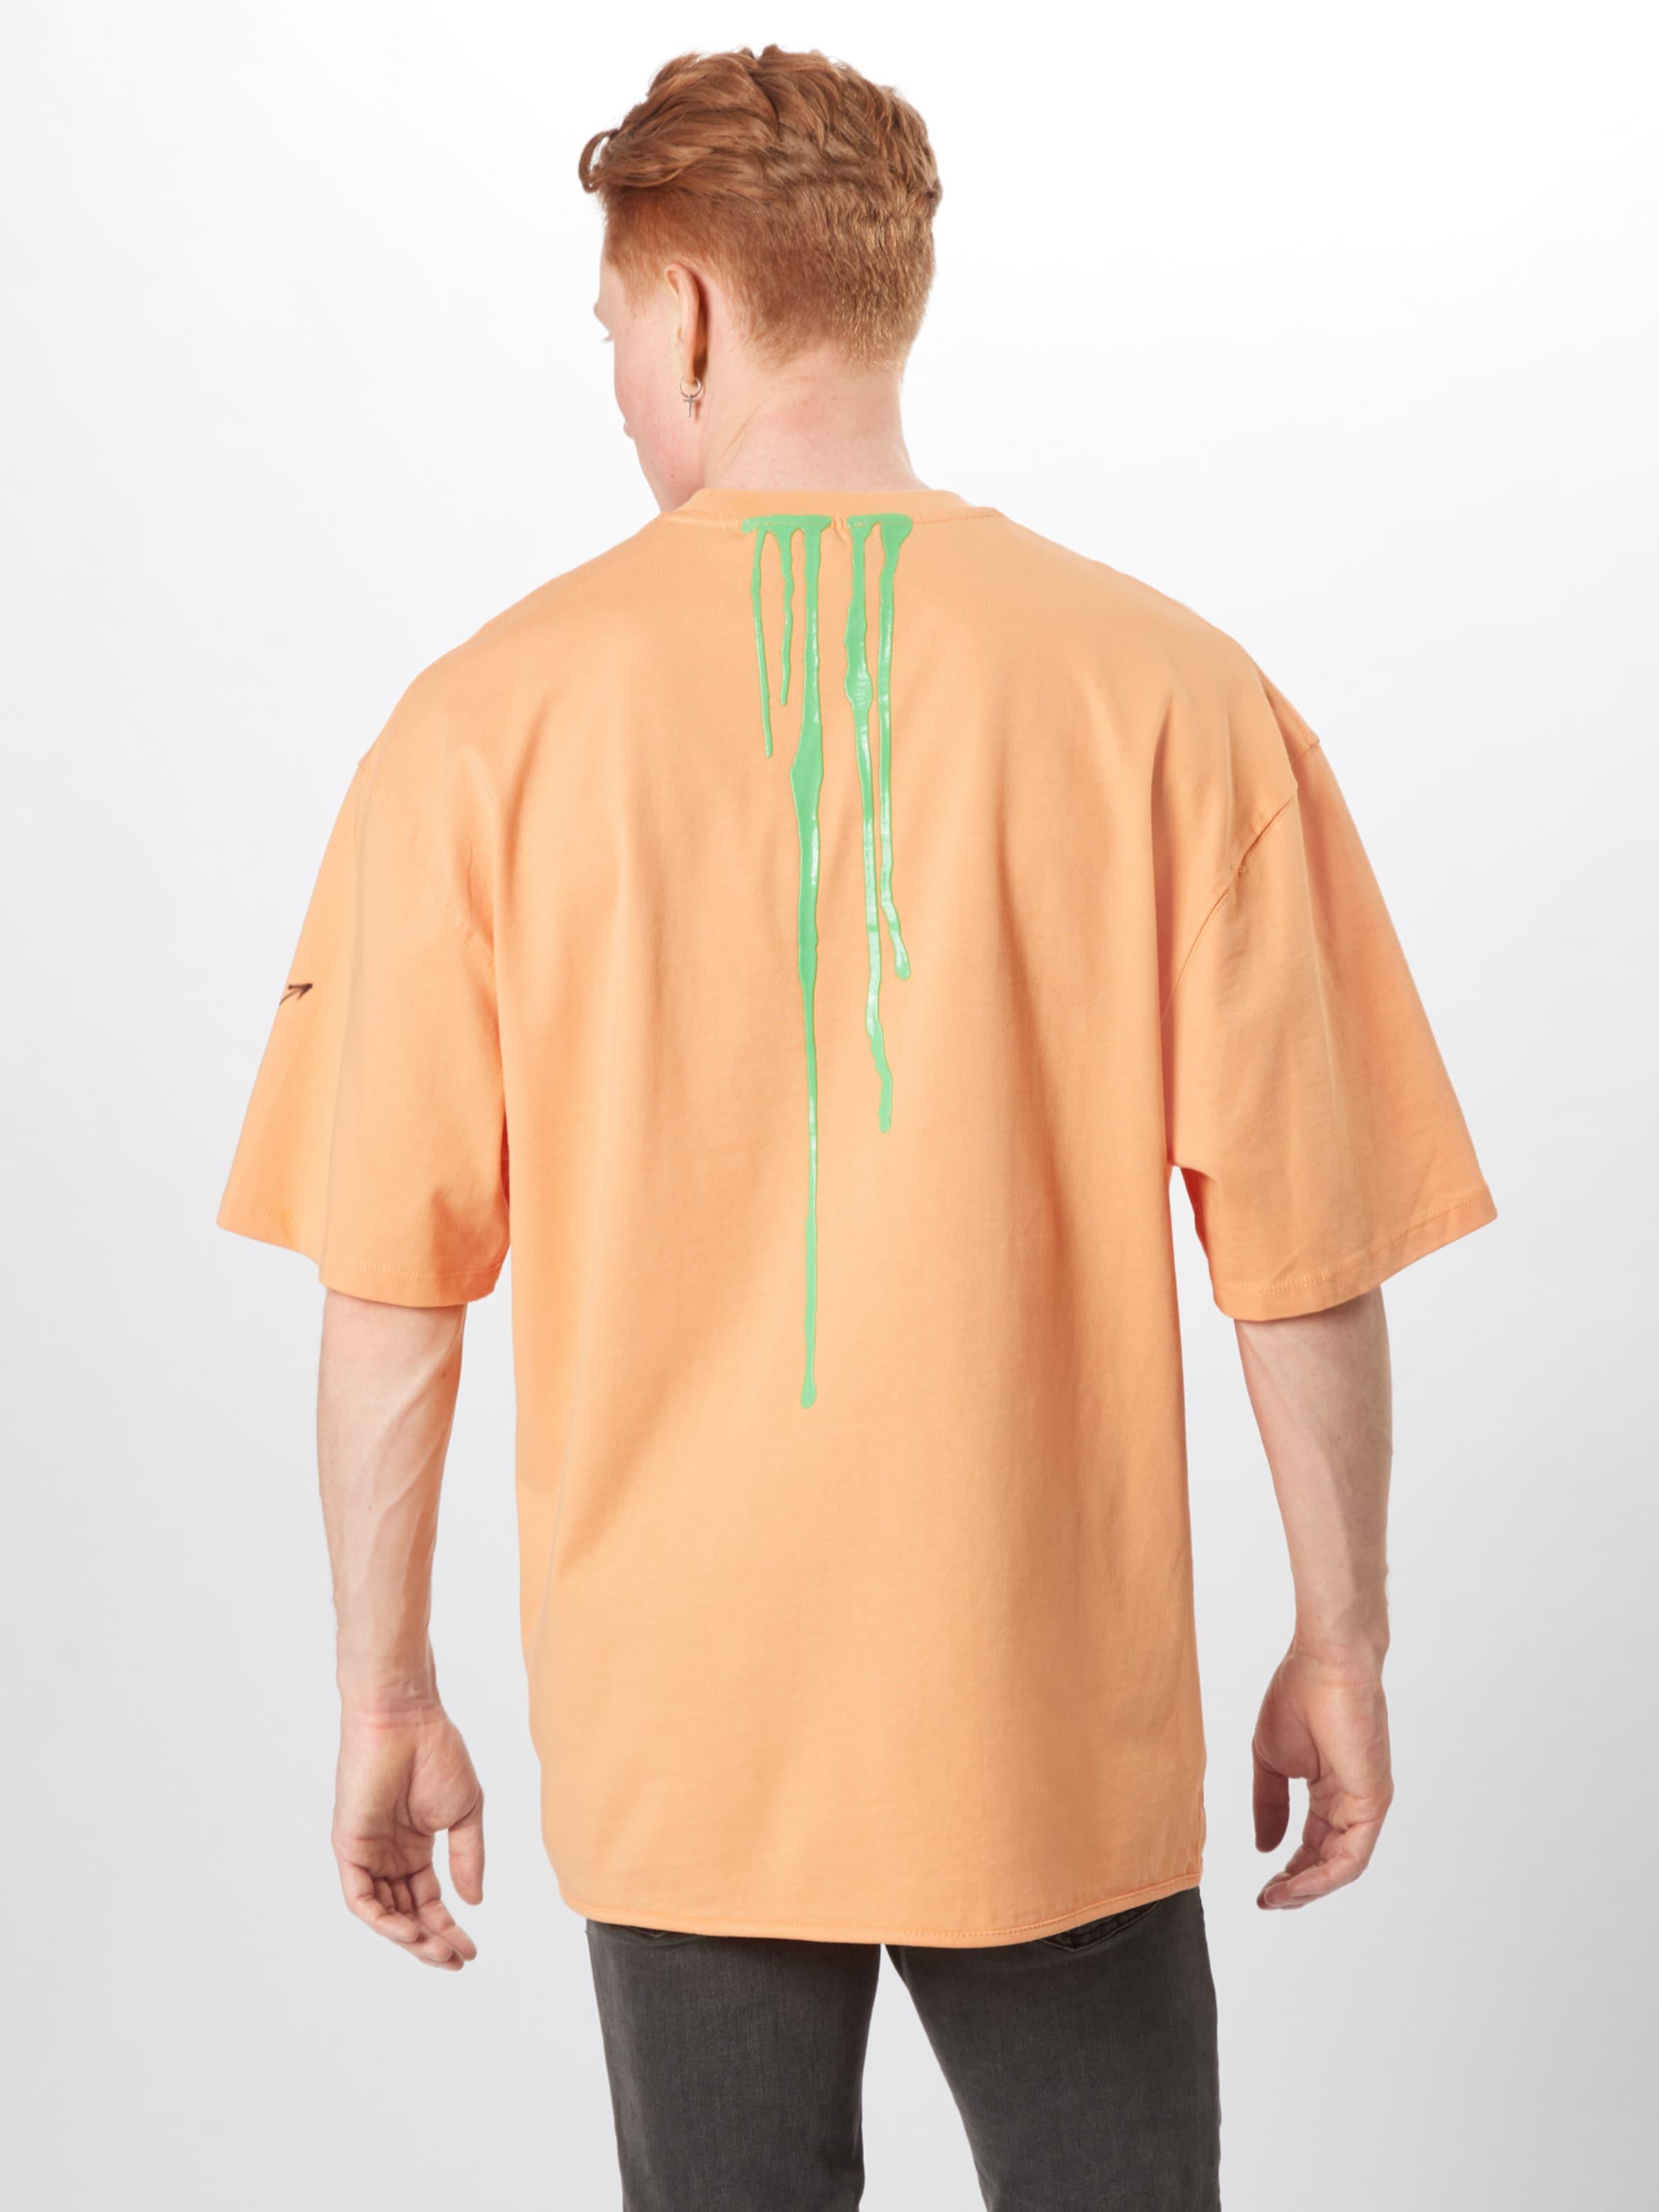 MischfarbenPfirsich In T Angeles 'tom' Shirt MagdeburgLos Okn0Pw8